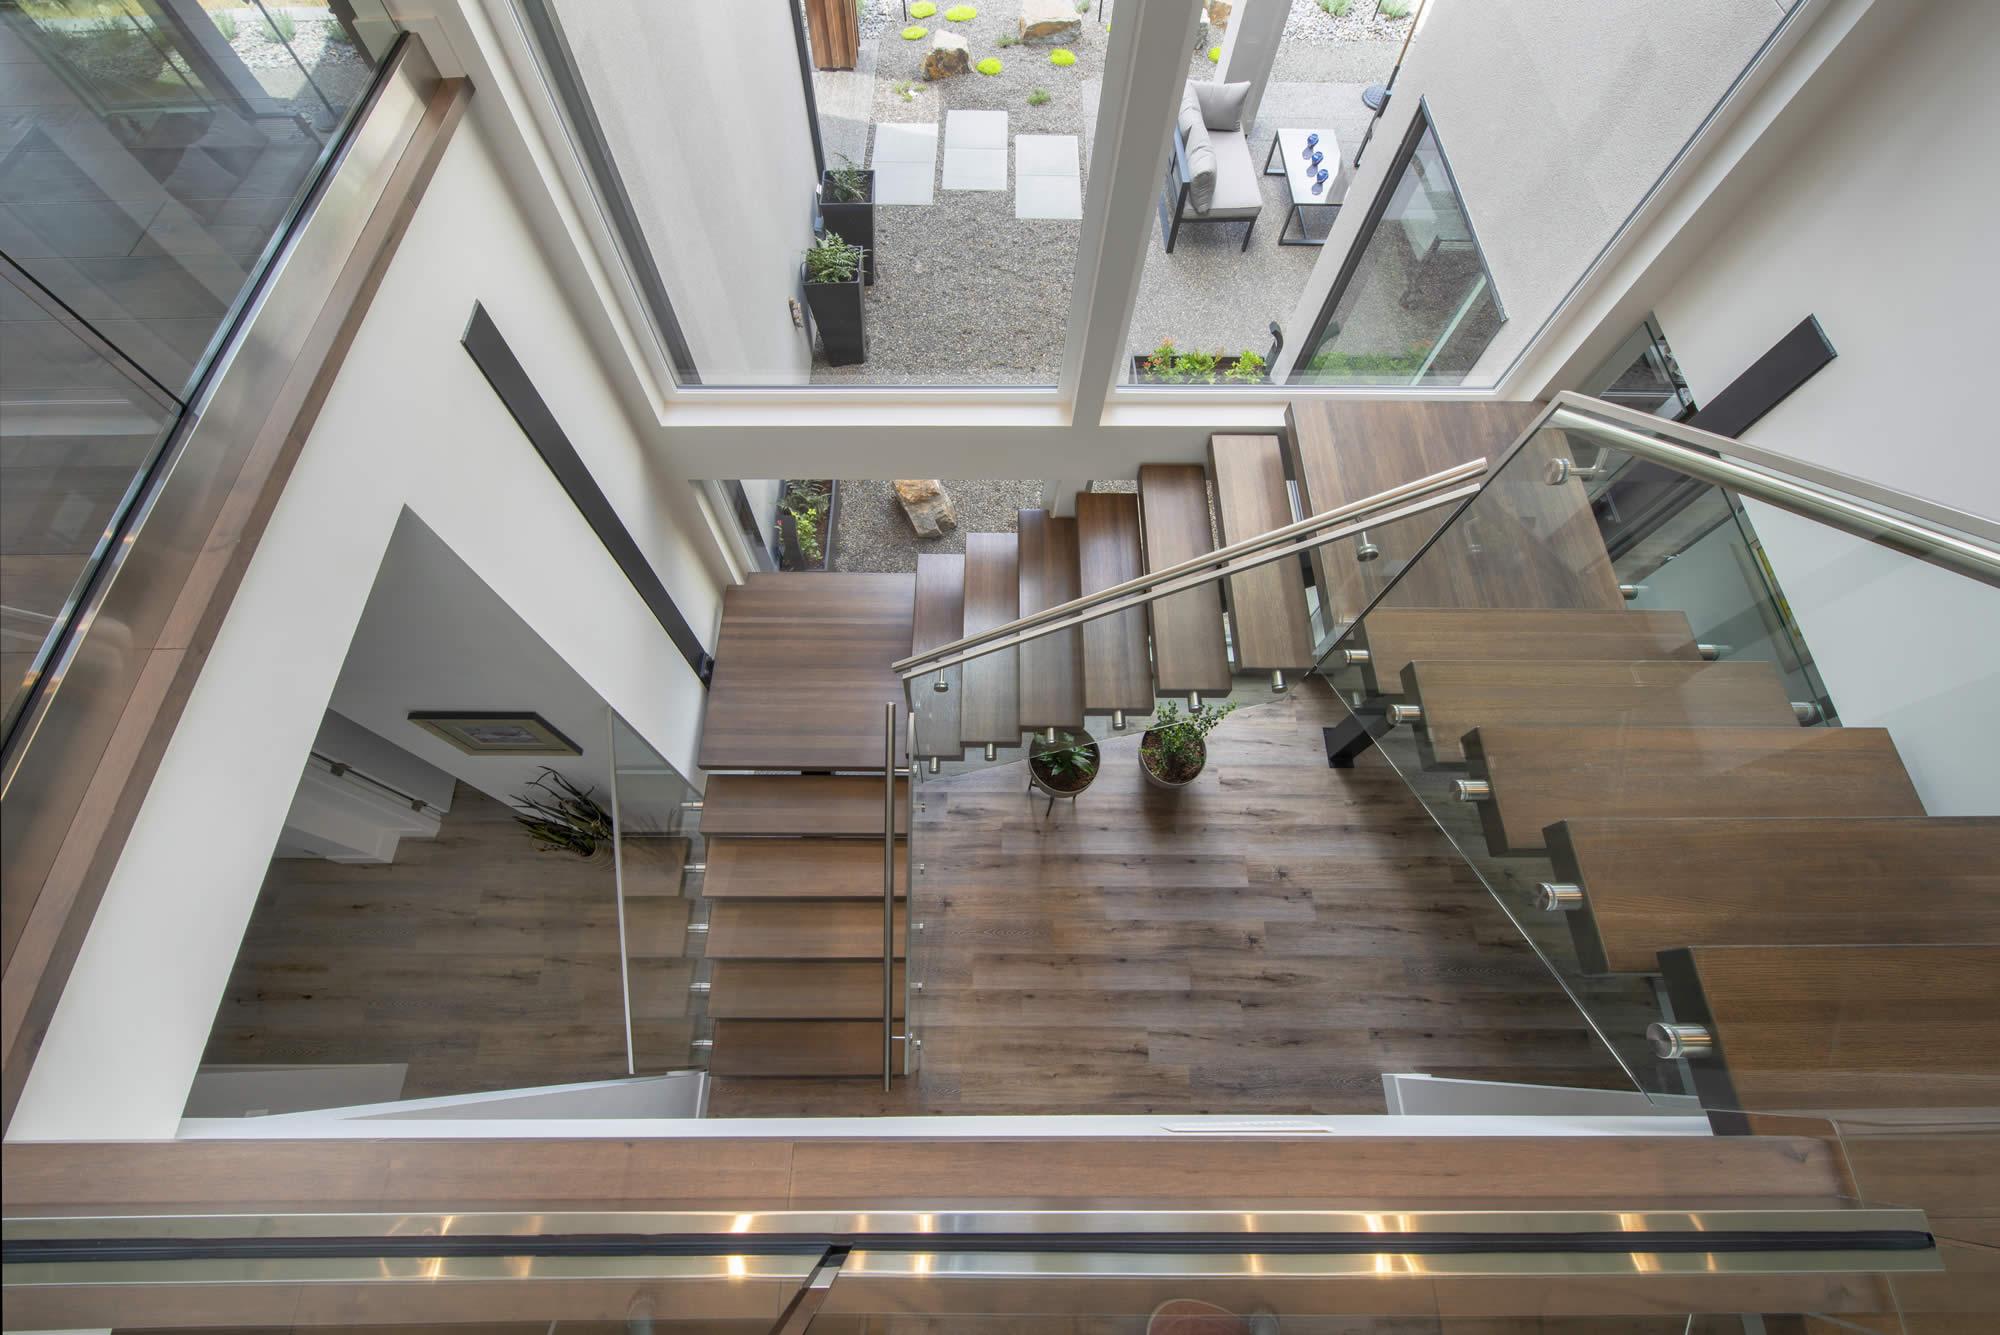 05-Stairwell